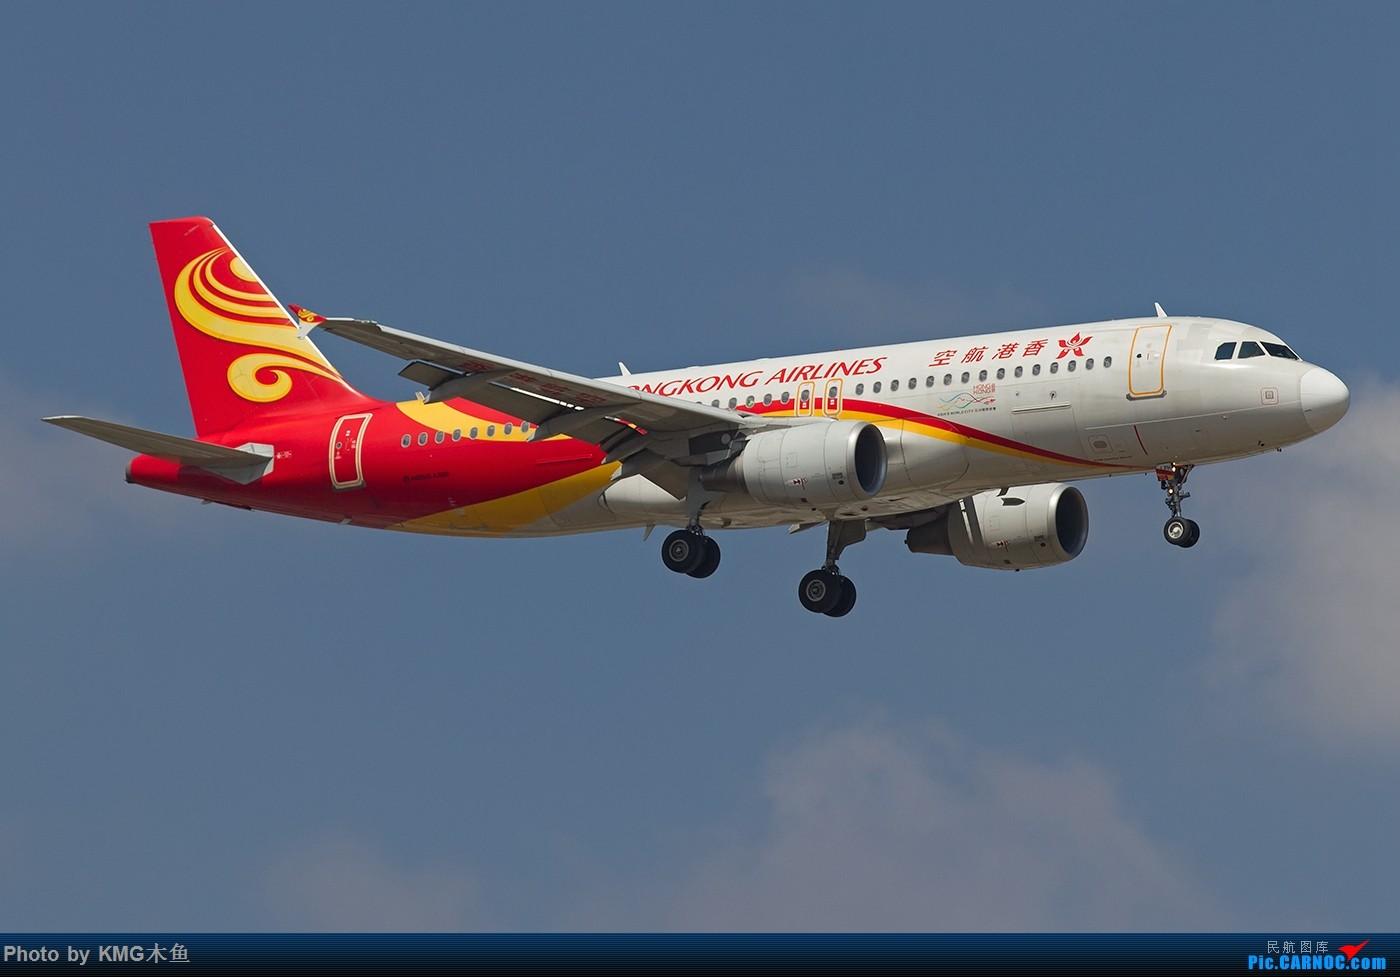 Re:[原创]【昆明飞友会-KMG木鱼】9月的周末可不可以来次大晴天,我想去拍飞机 AIRBUS A320-200 B-LPH 中国昆明长水国际机场